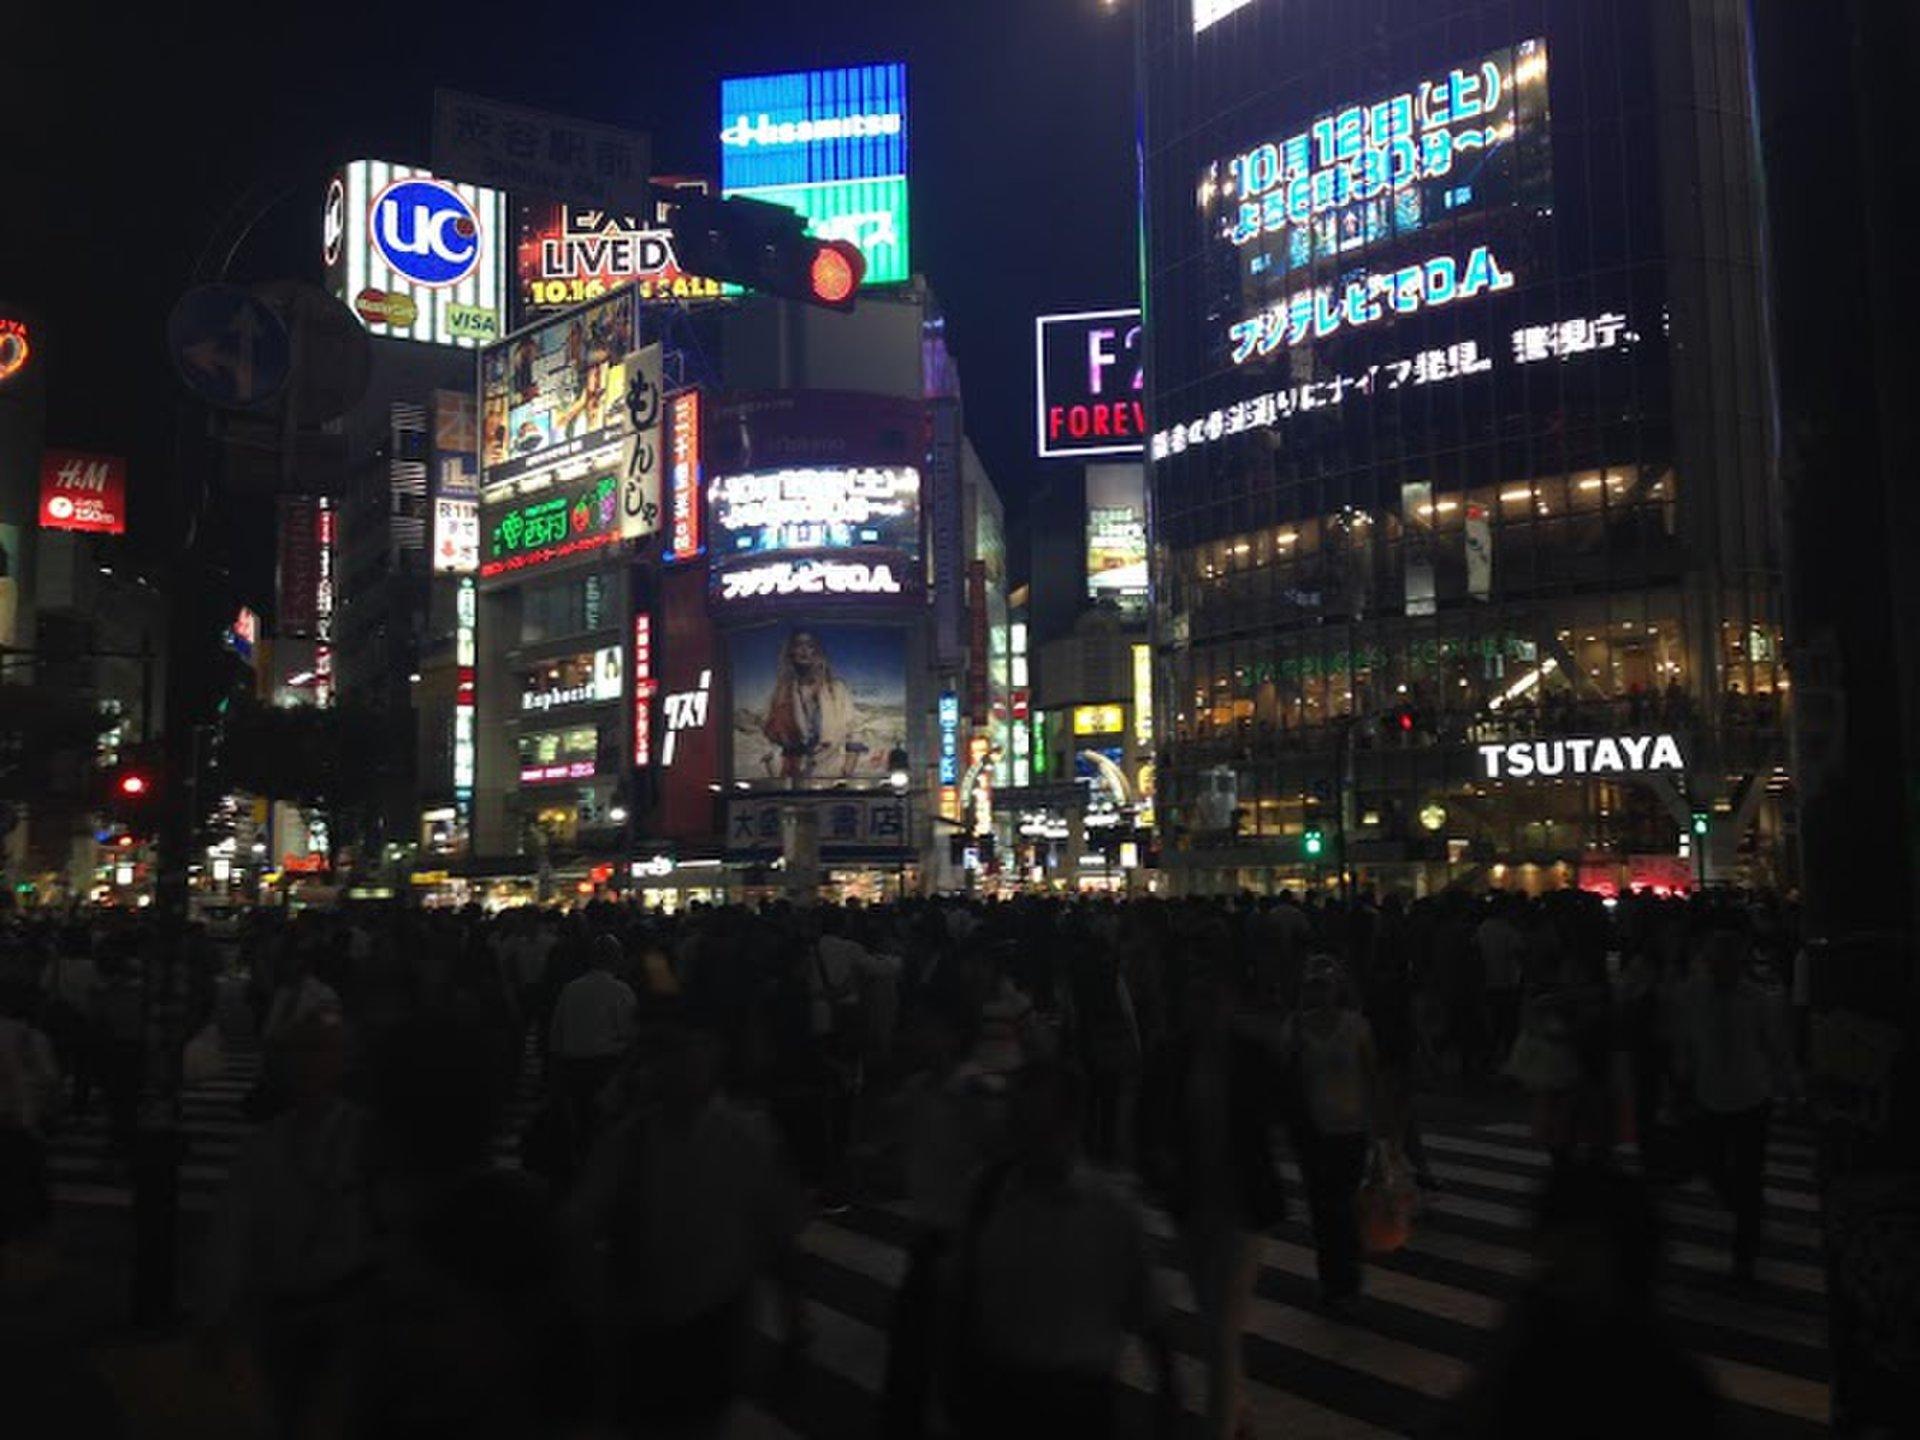 渋谷で初デートなら映画がおすすめ!穴場の隠れカフェで失敗知らず!?